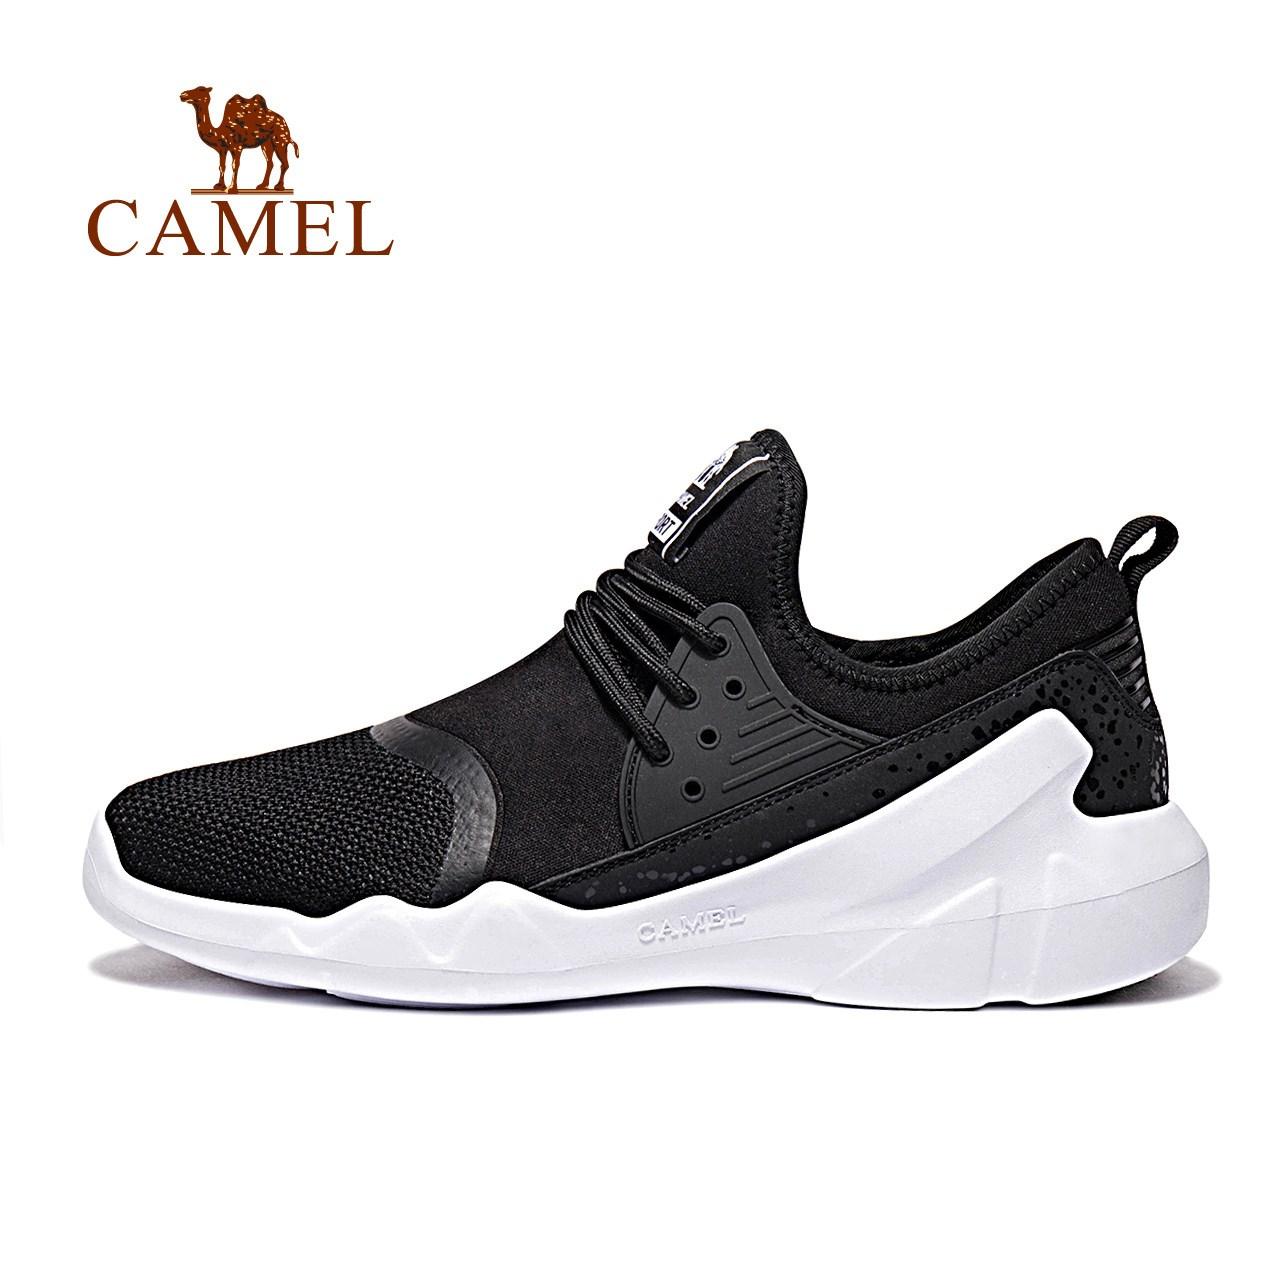 骆驼户外情侣款运动跑鞋